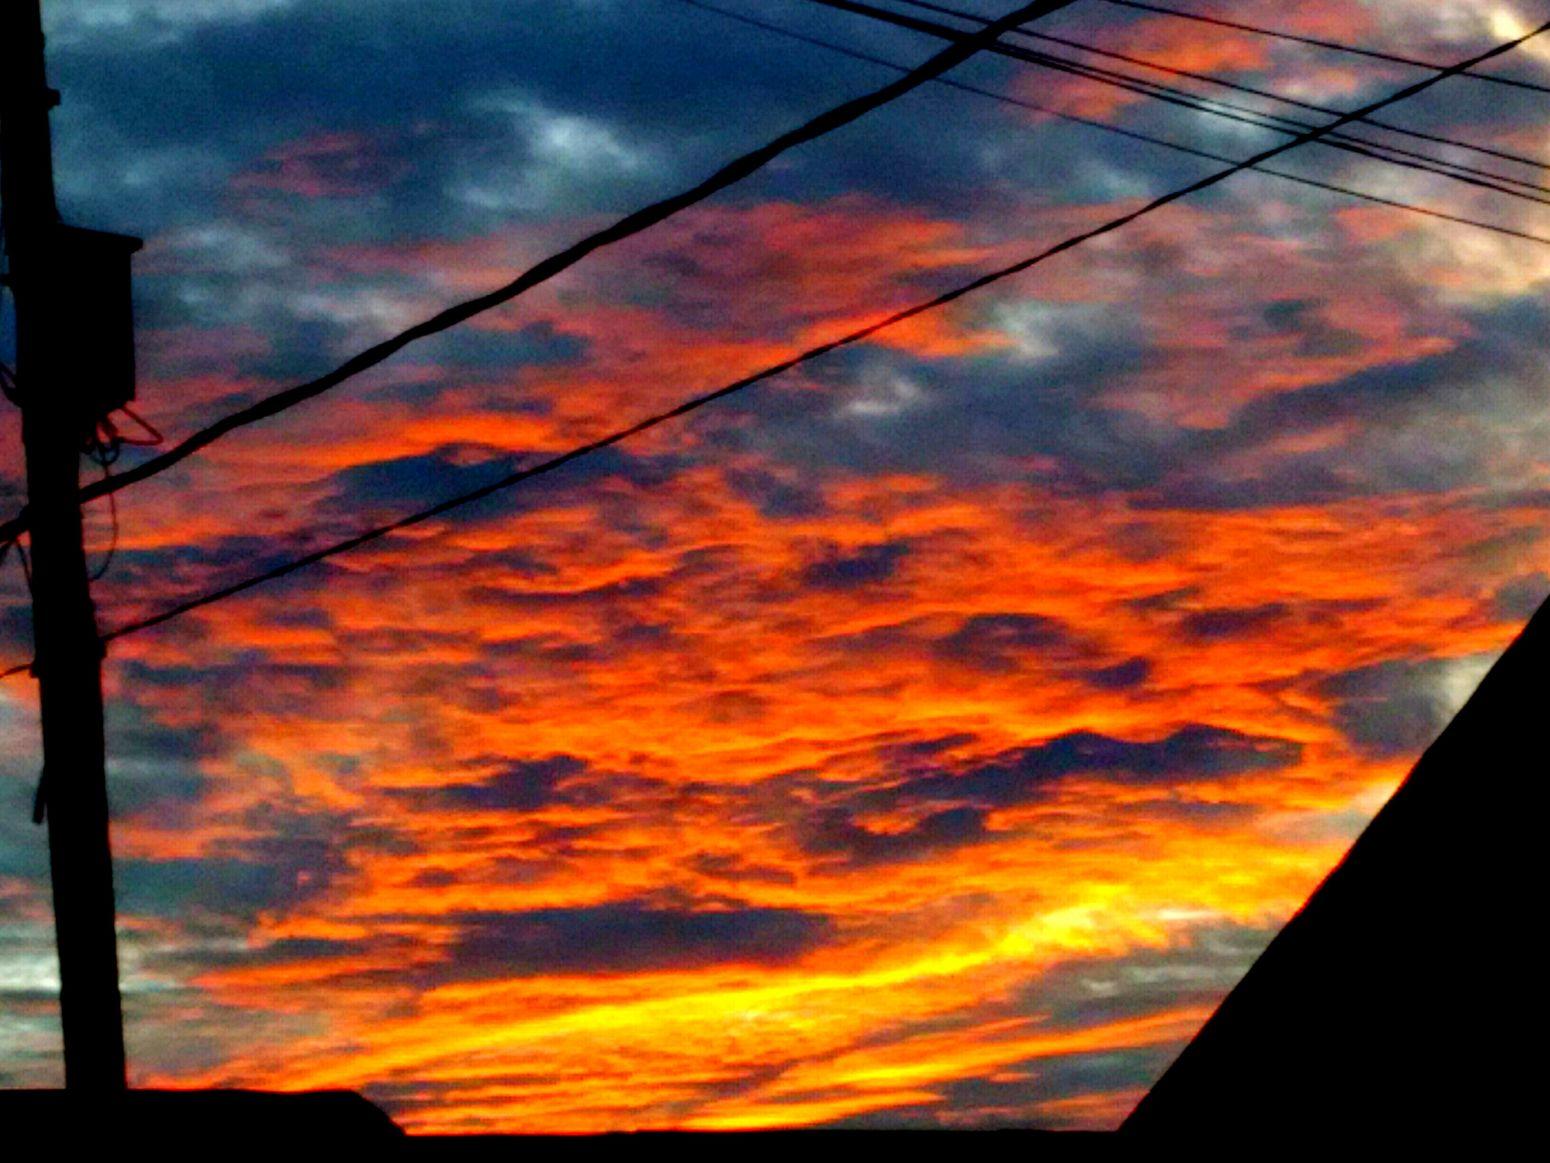 Orange Sky Dramatic Sky